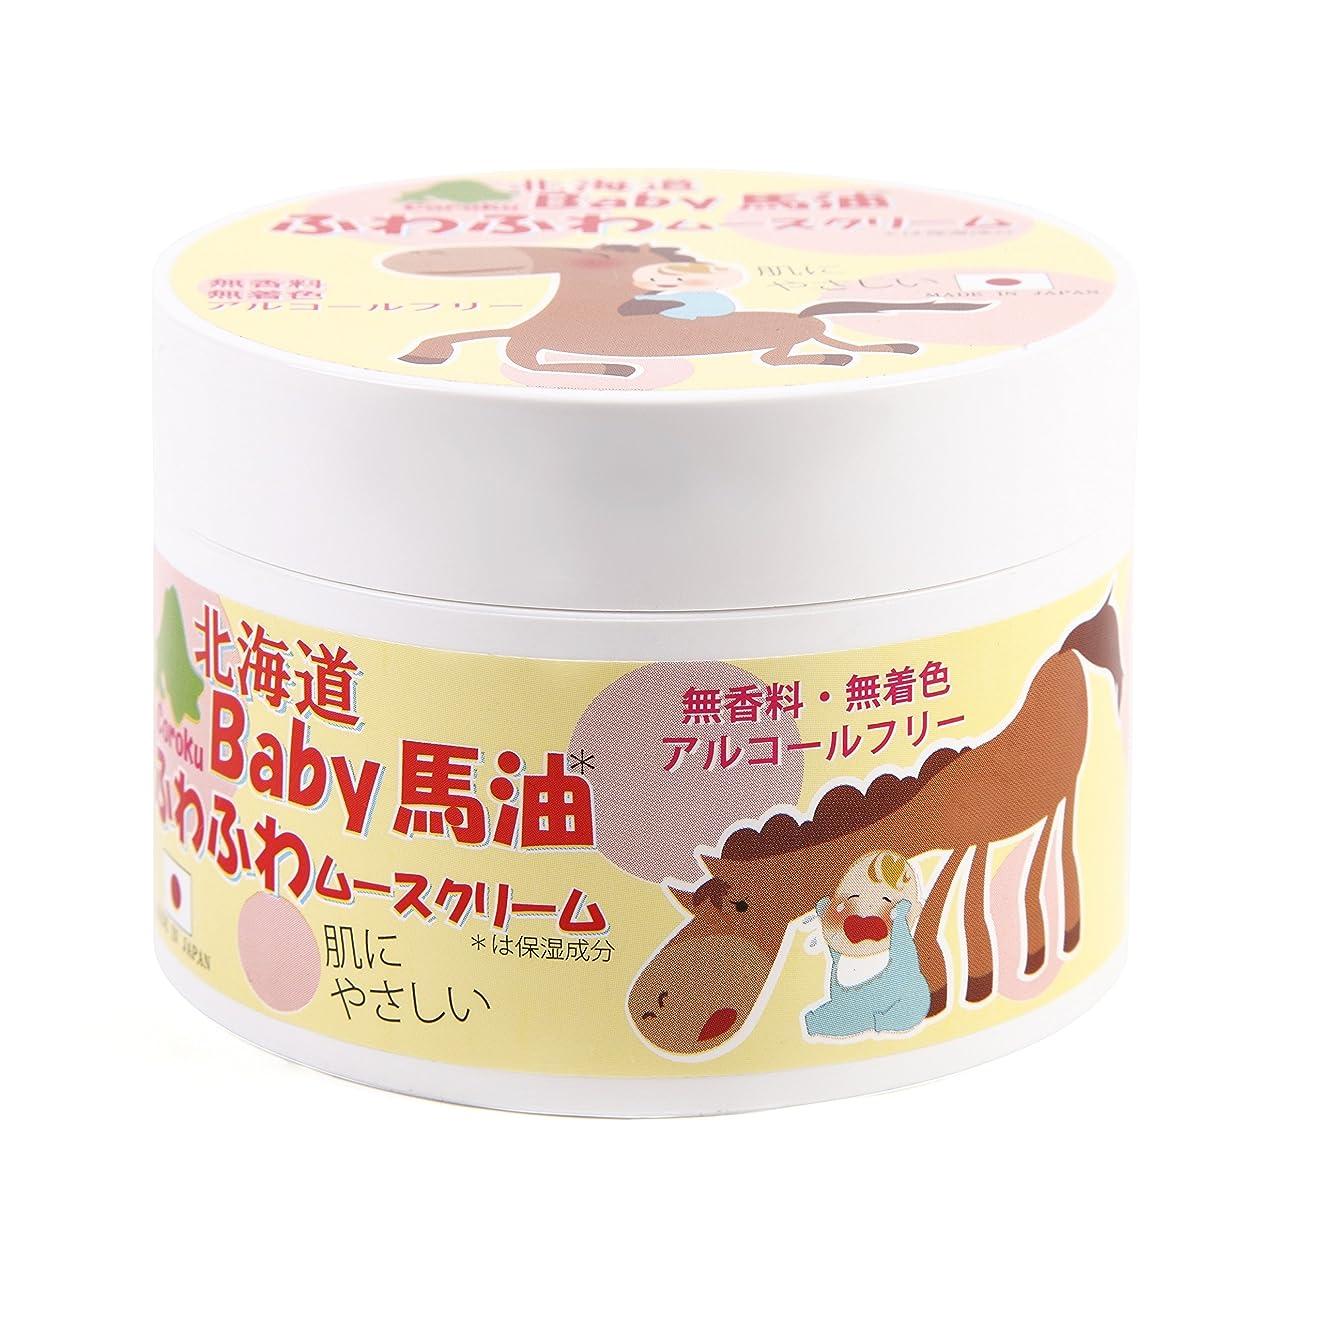 キリン緯度スコア小六 北海道Baby馬油 ふわふわムースクリーム 200mL